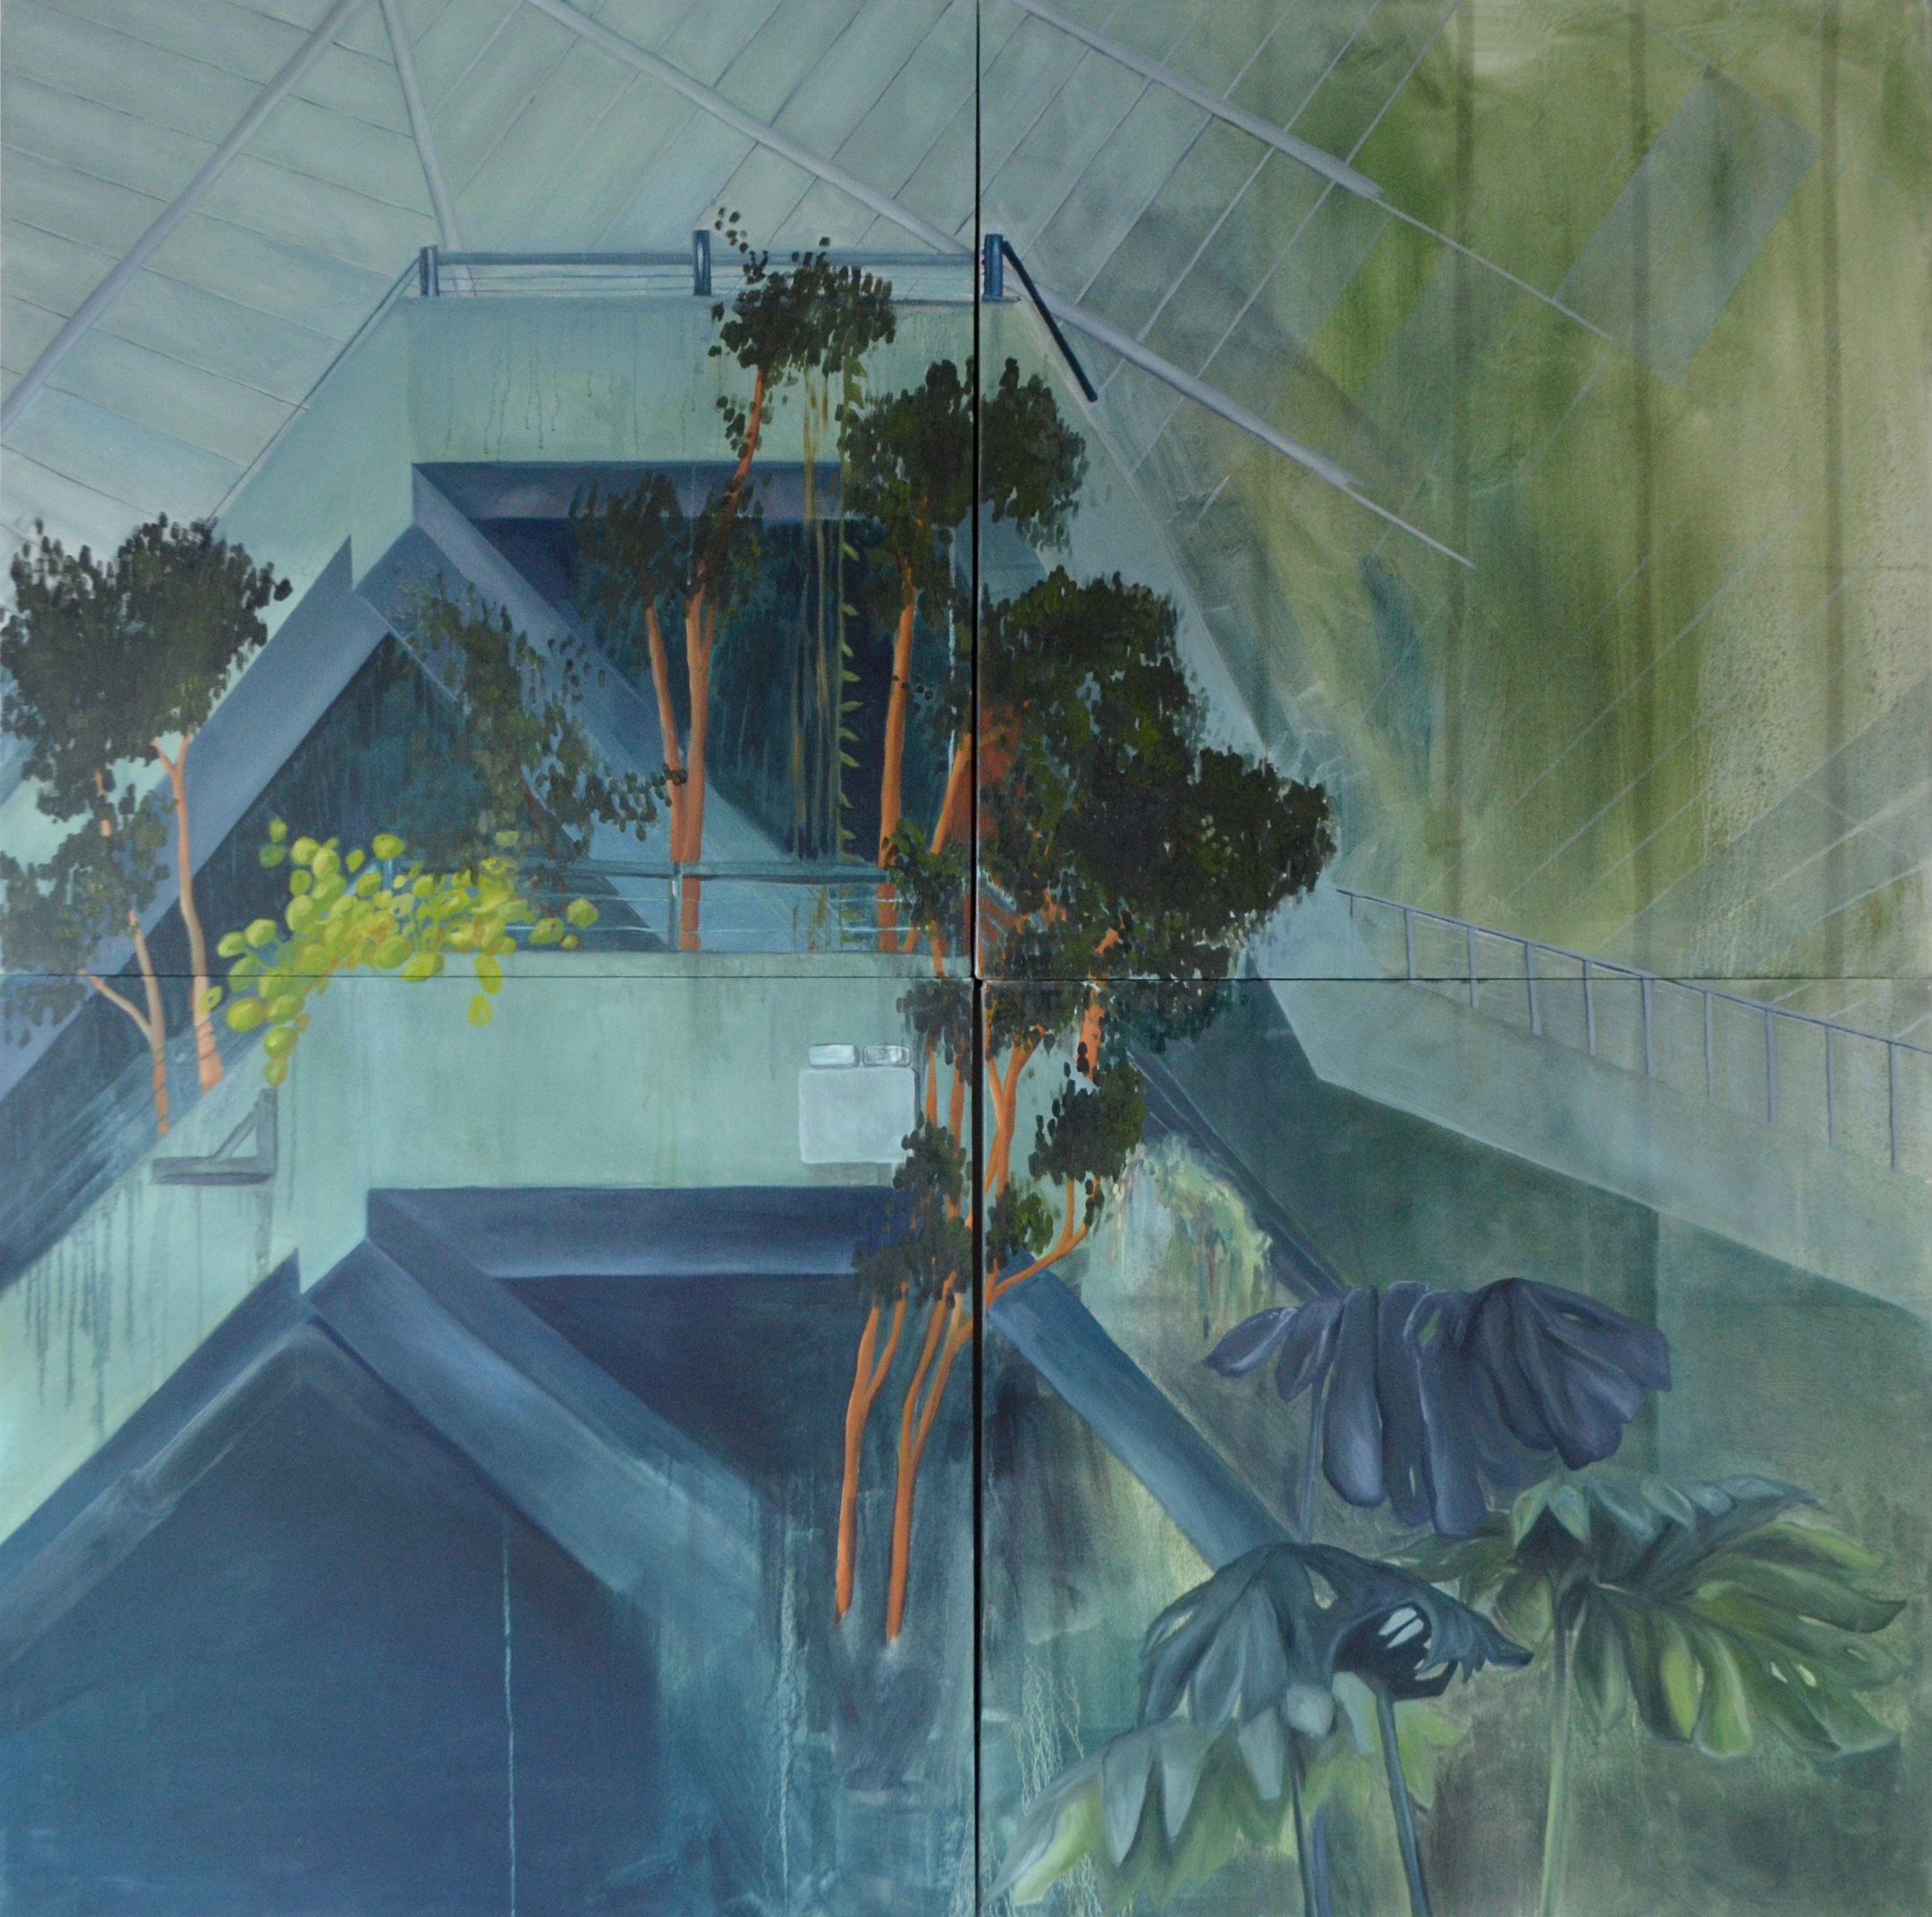 concretejungle (1).jpg